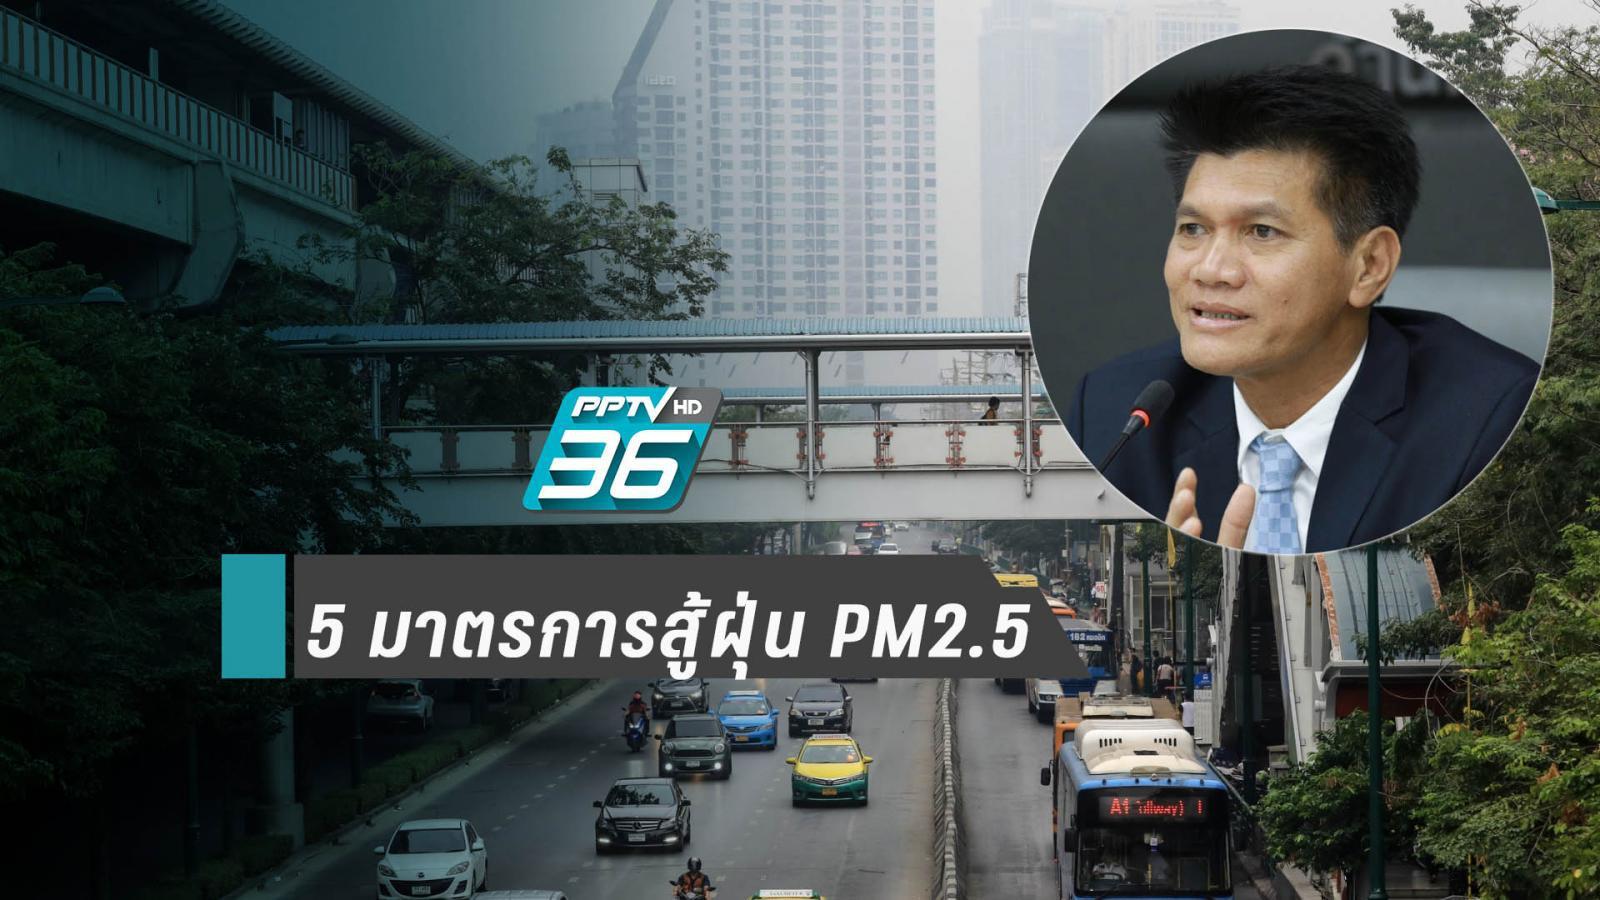 5 มาตรการคุมเข้มป้องกันสุขภาพ เมื่อต้องเผชิญฝุ่น PM 2.5